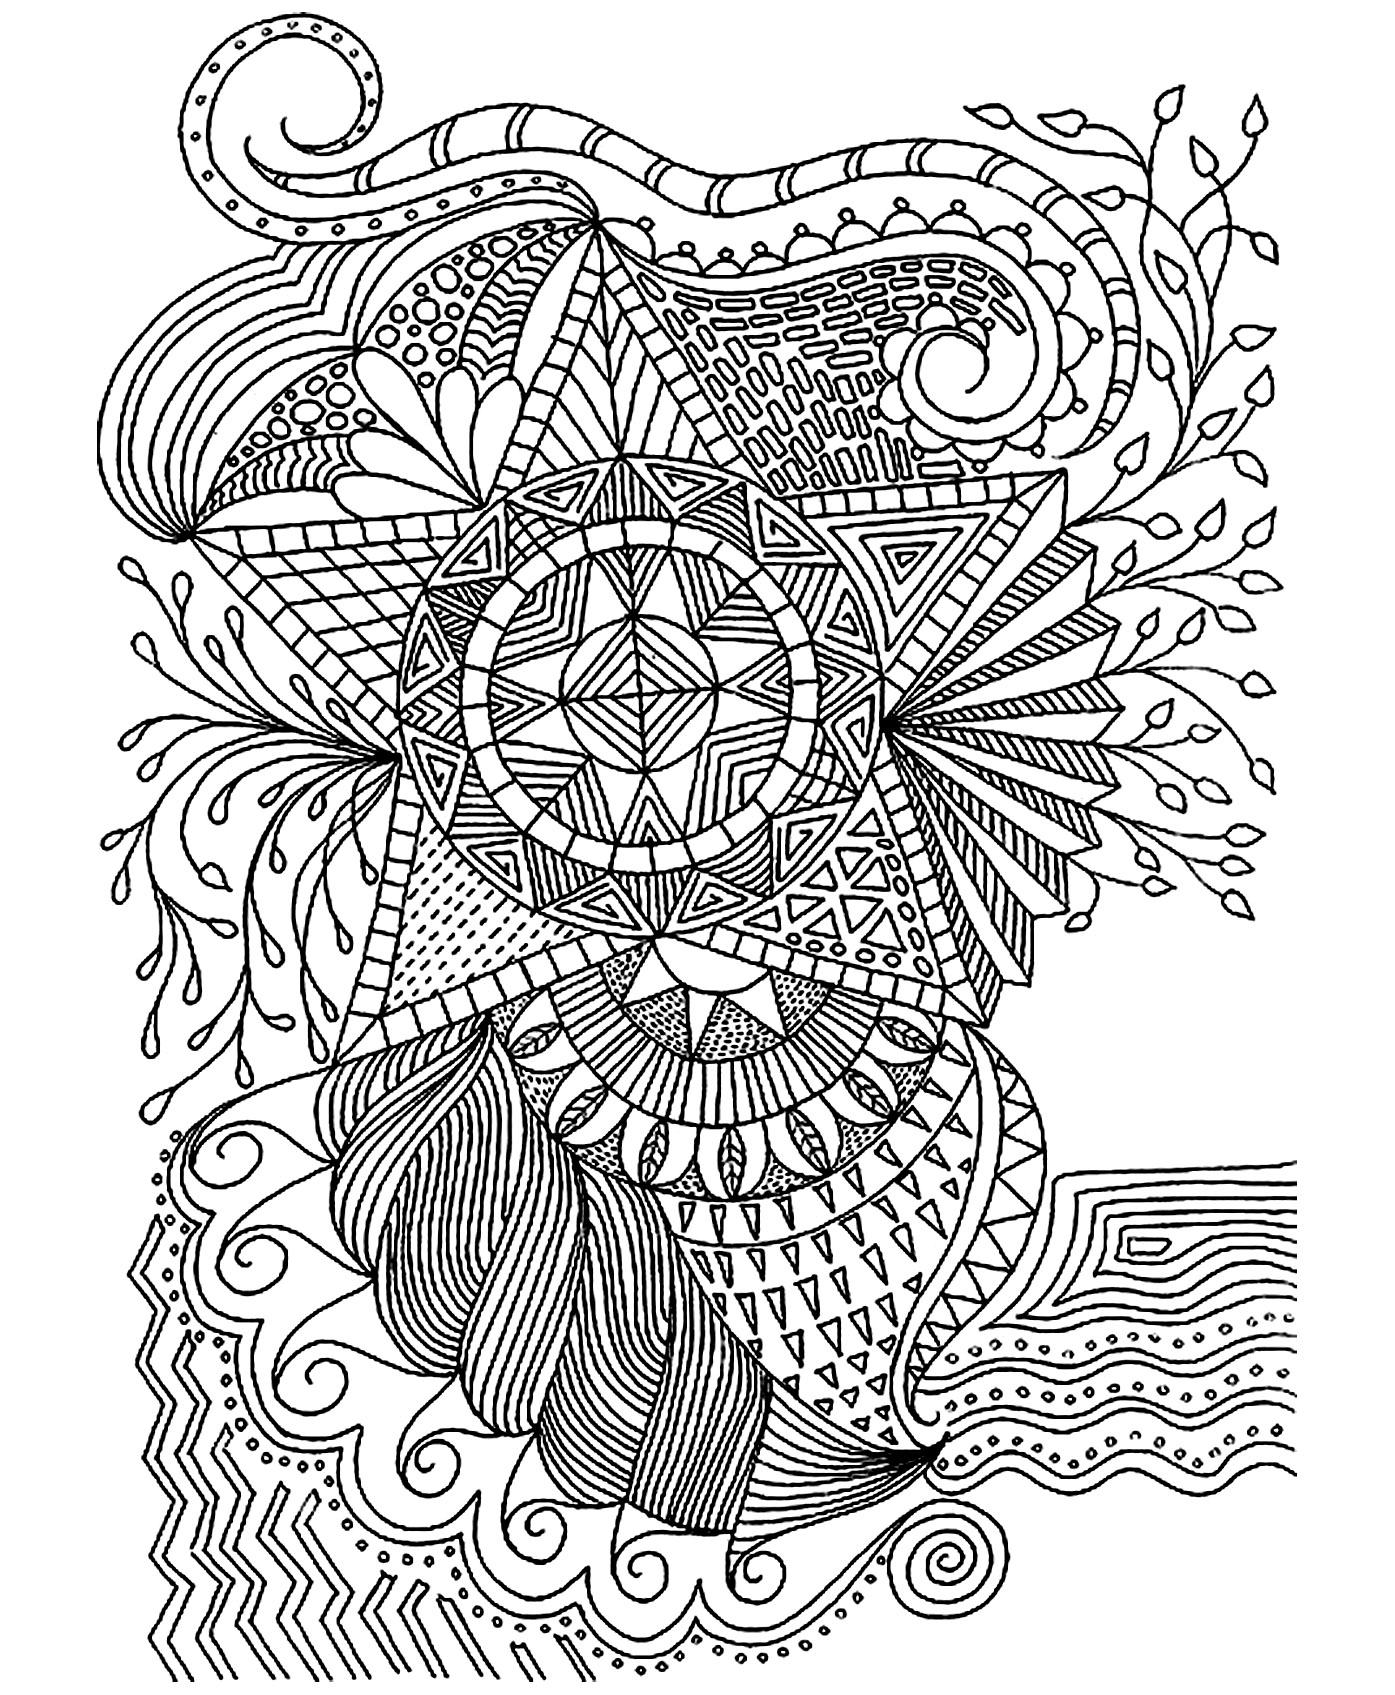 Fleurs etoile fleurs et v g tation coloriages - Site de coloriage gratuit ...